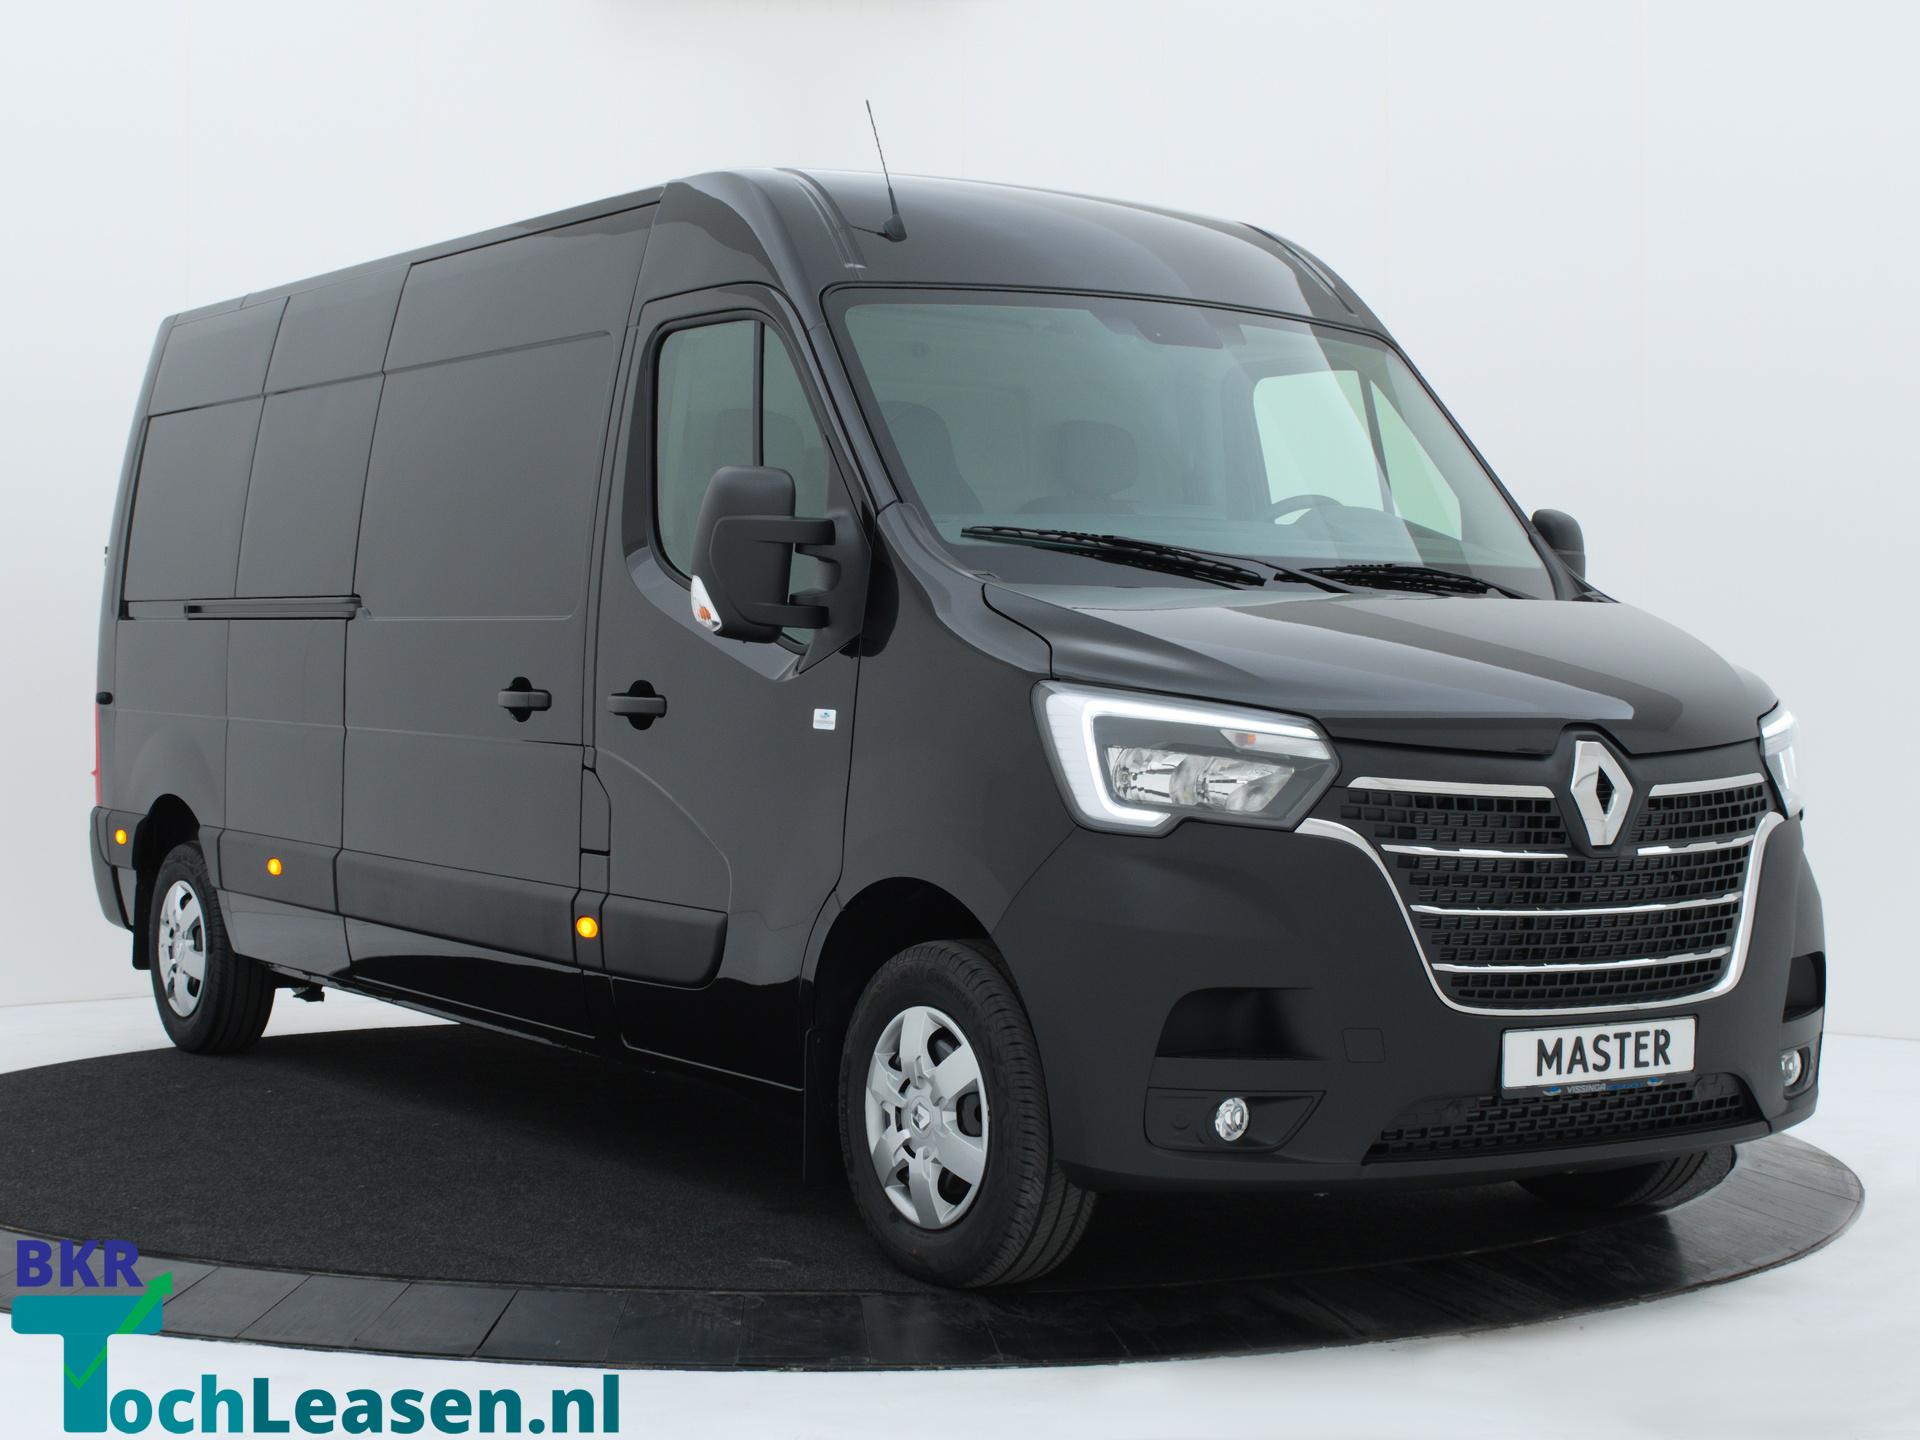 Renault Master L3H2 180 pk schuinvoorkant 2 BKR toch Leasen